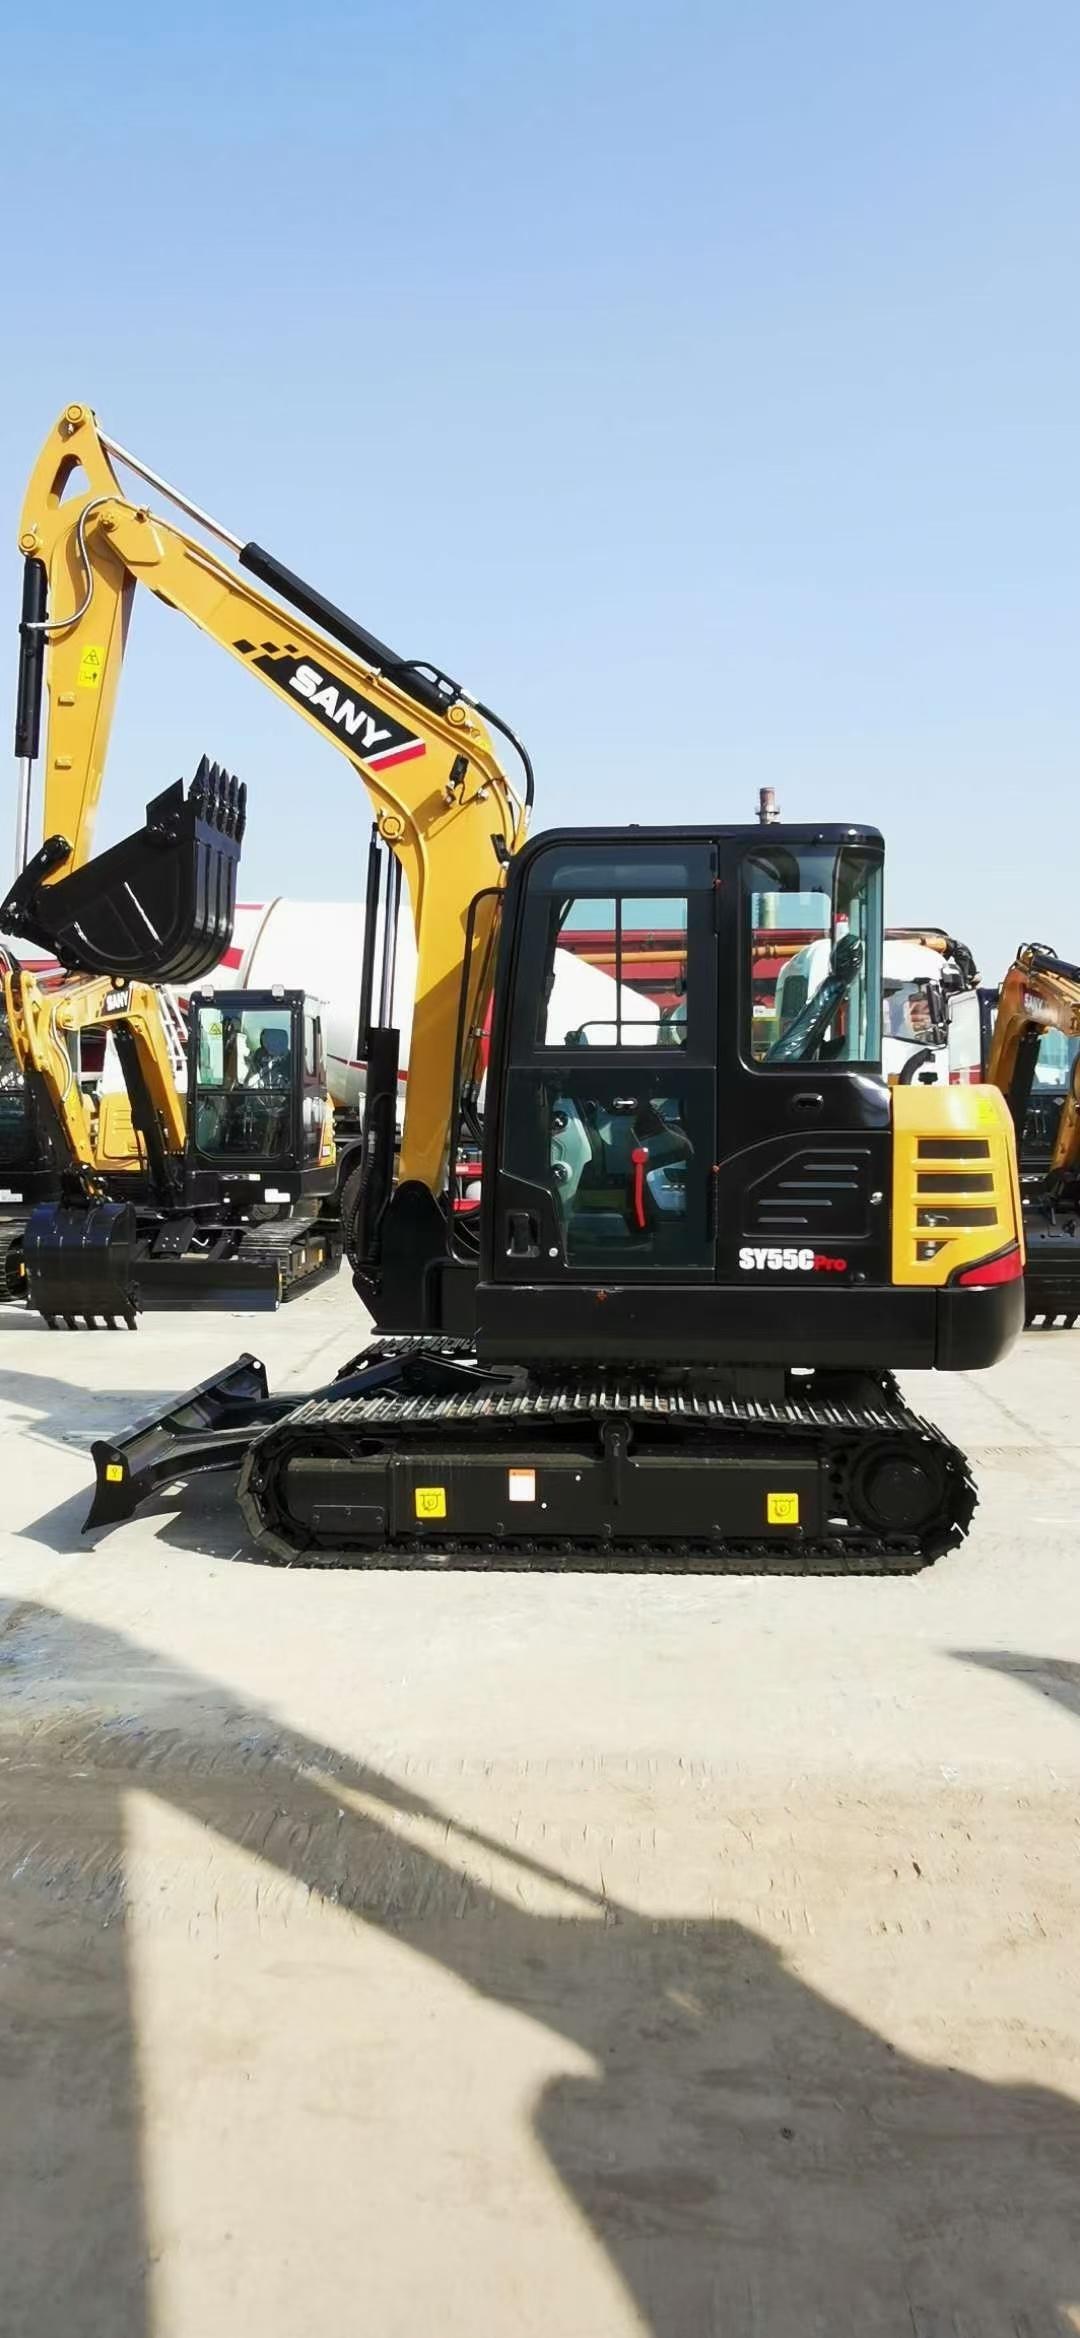 【买车记】喜提新款三一SY55C pro挖掘机